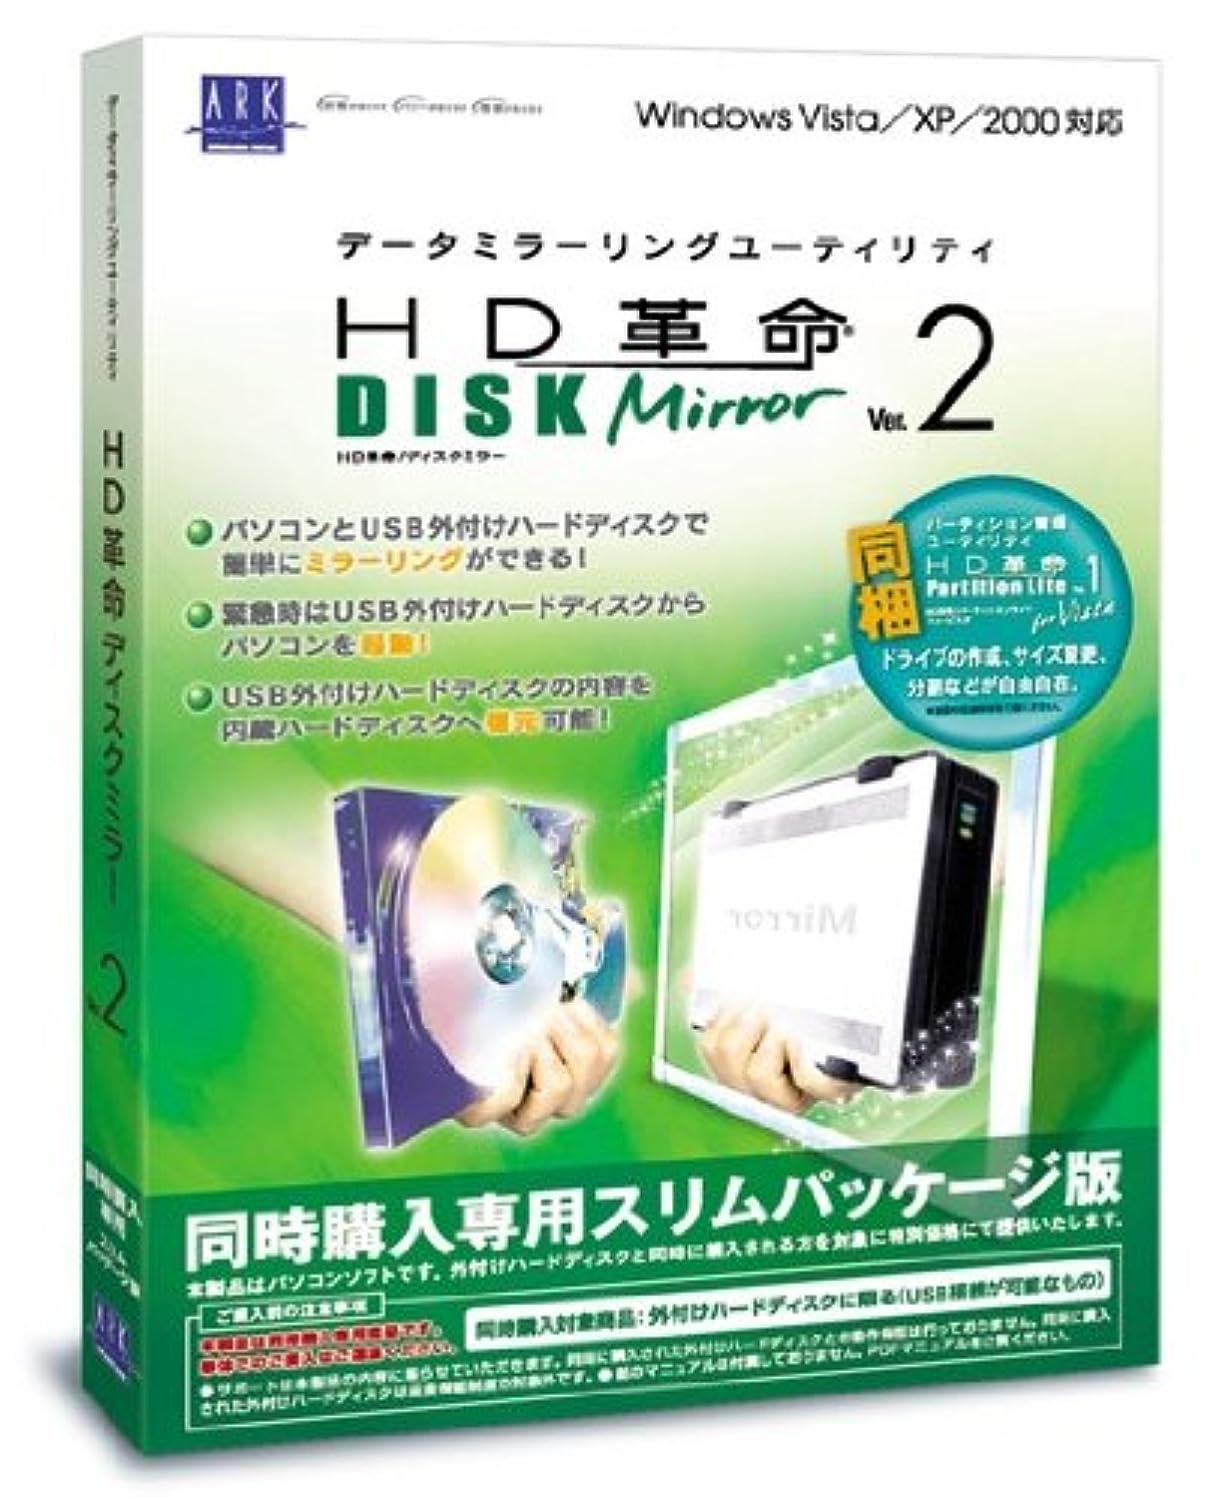 ゴールデンお風呂赤外線HD革命/Disk Mirror Ver.2 同時購入専用スリムパッケージ版